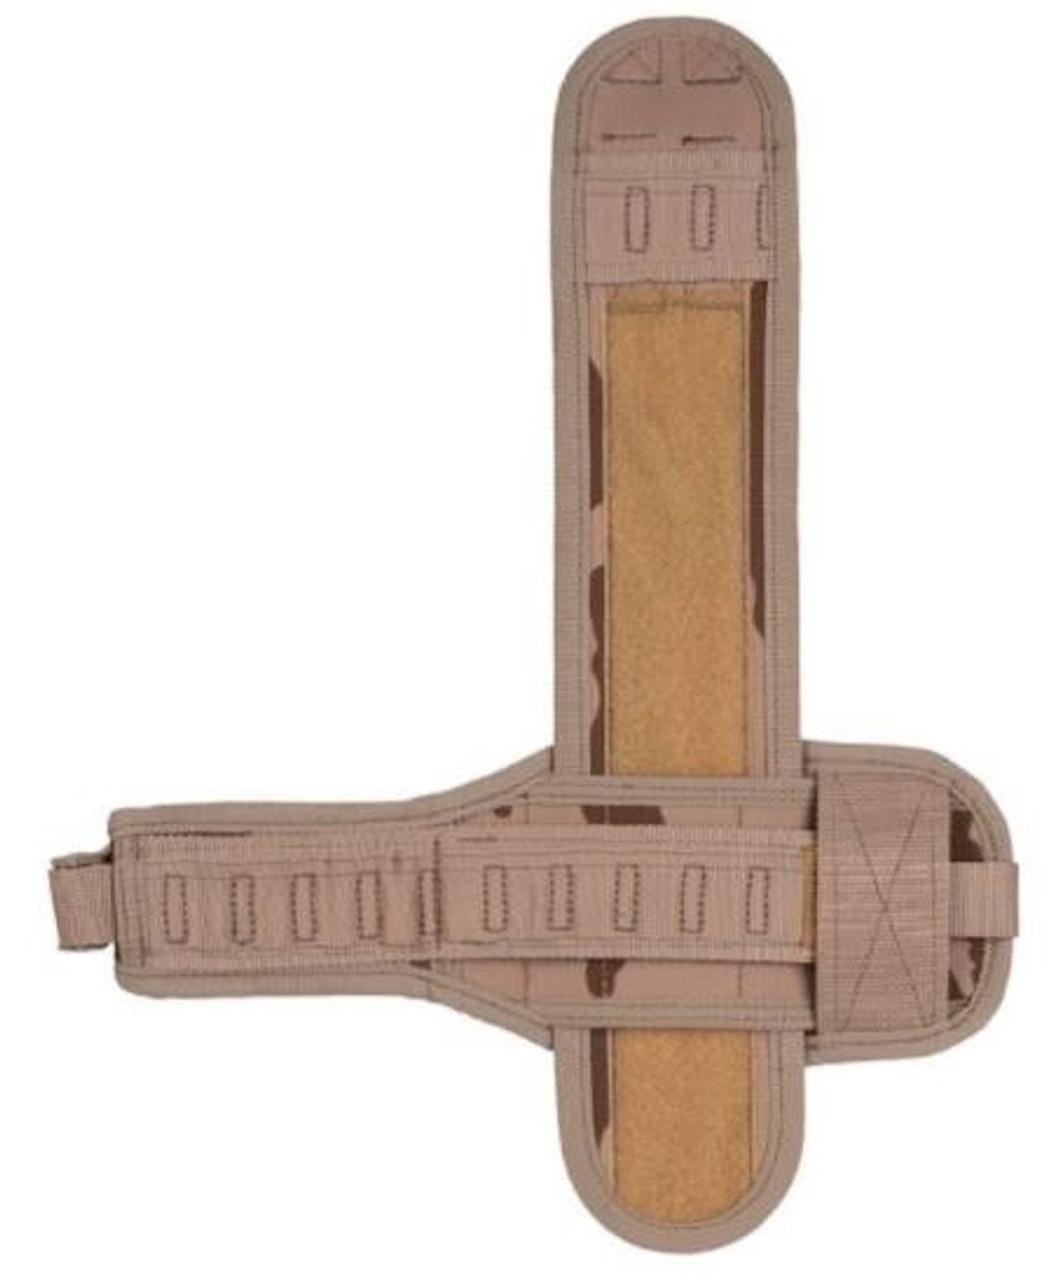 Czech Desert Camo MOLLE Leg Platform - Right Side